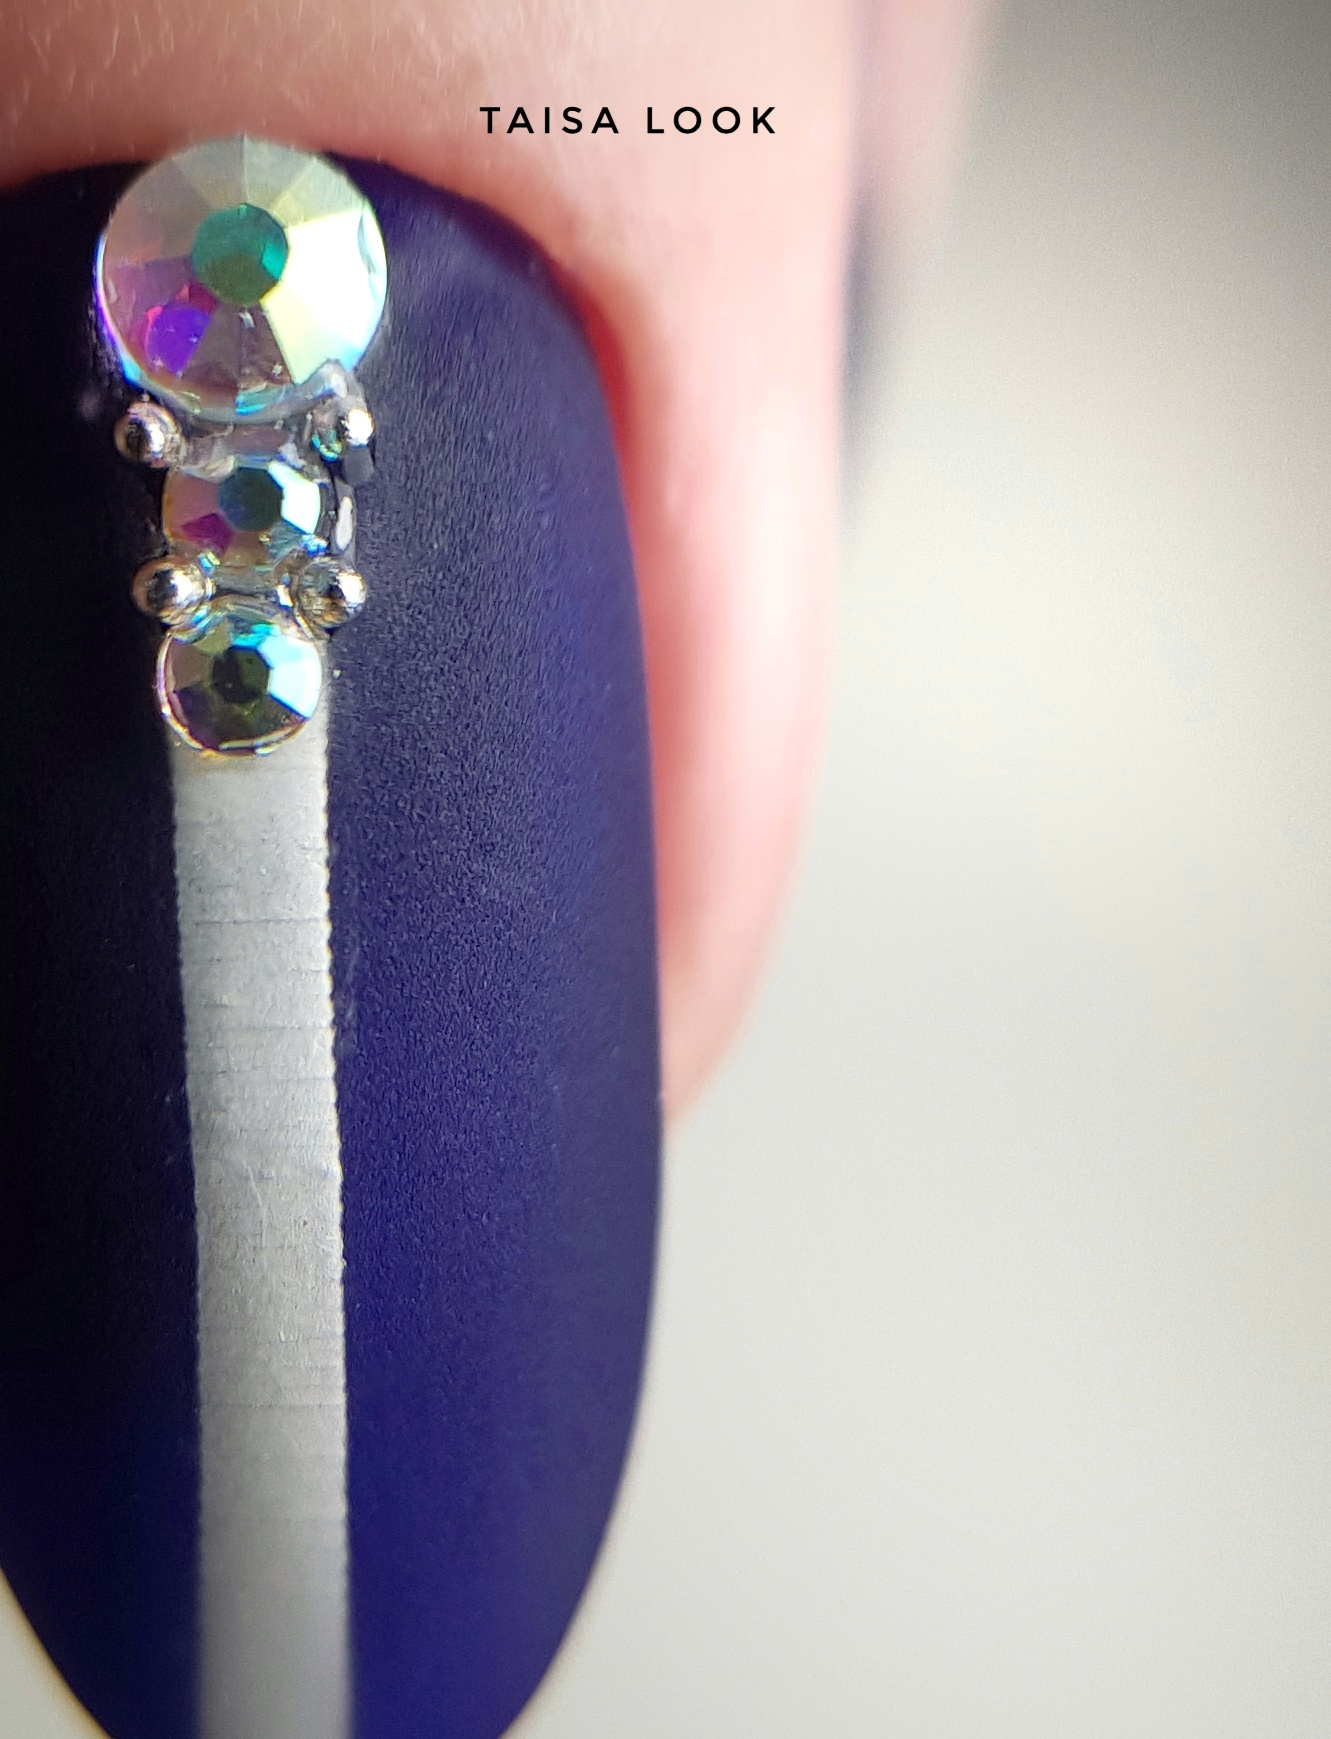 Матовый бархатный маникюр в тёмно-синем цвете с серебряными полосками и объёмными стразами.